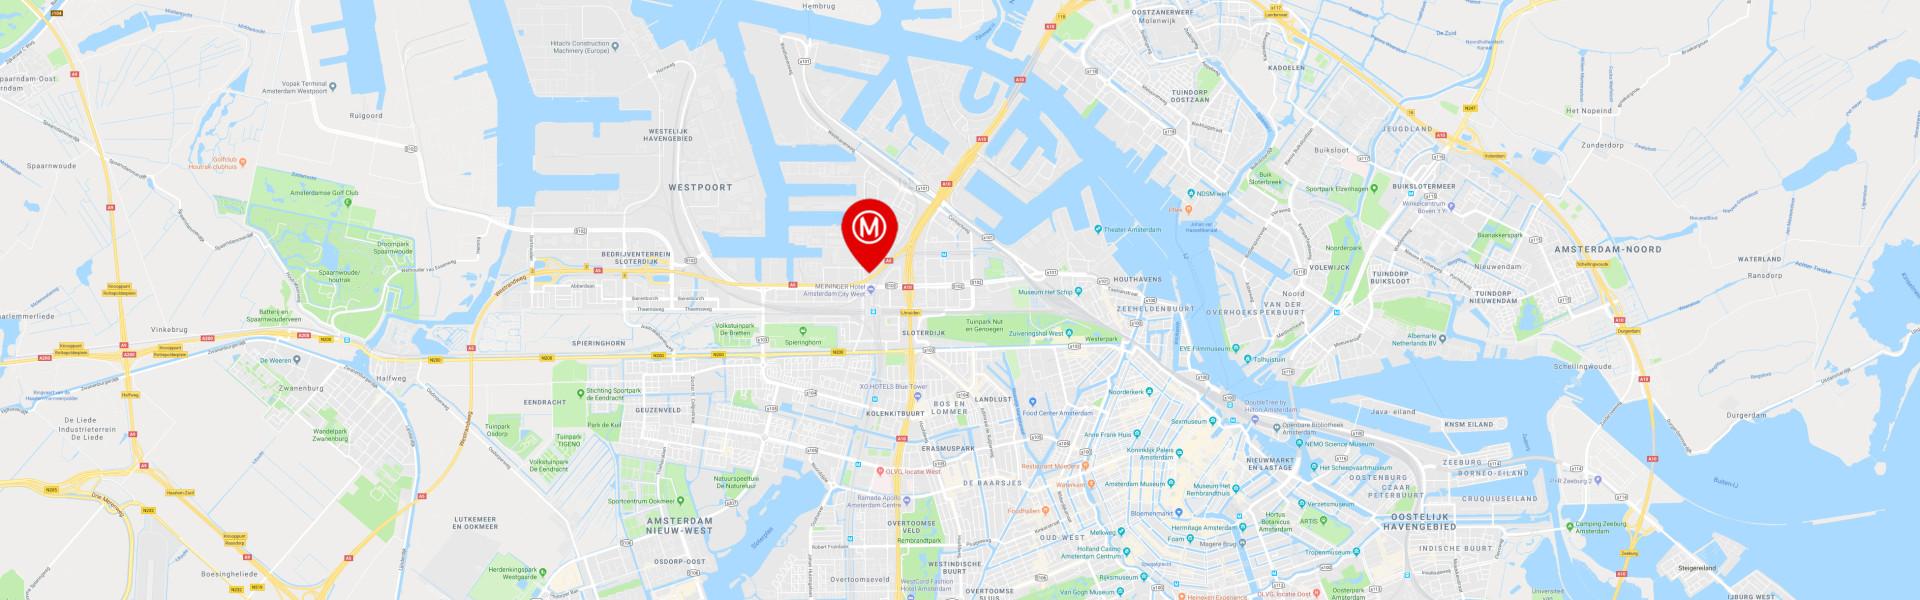 Millennium Tower Amsterdam, geleden aan de Radarweg 29 te Amsterdam Sloterdijk